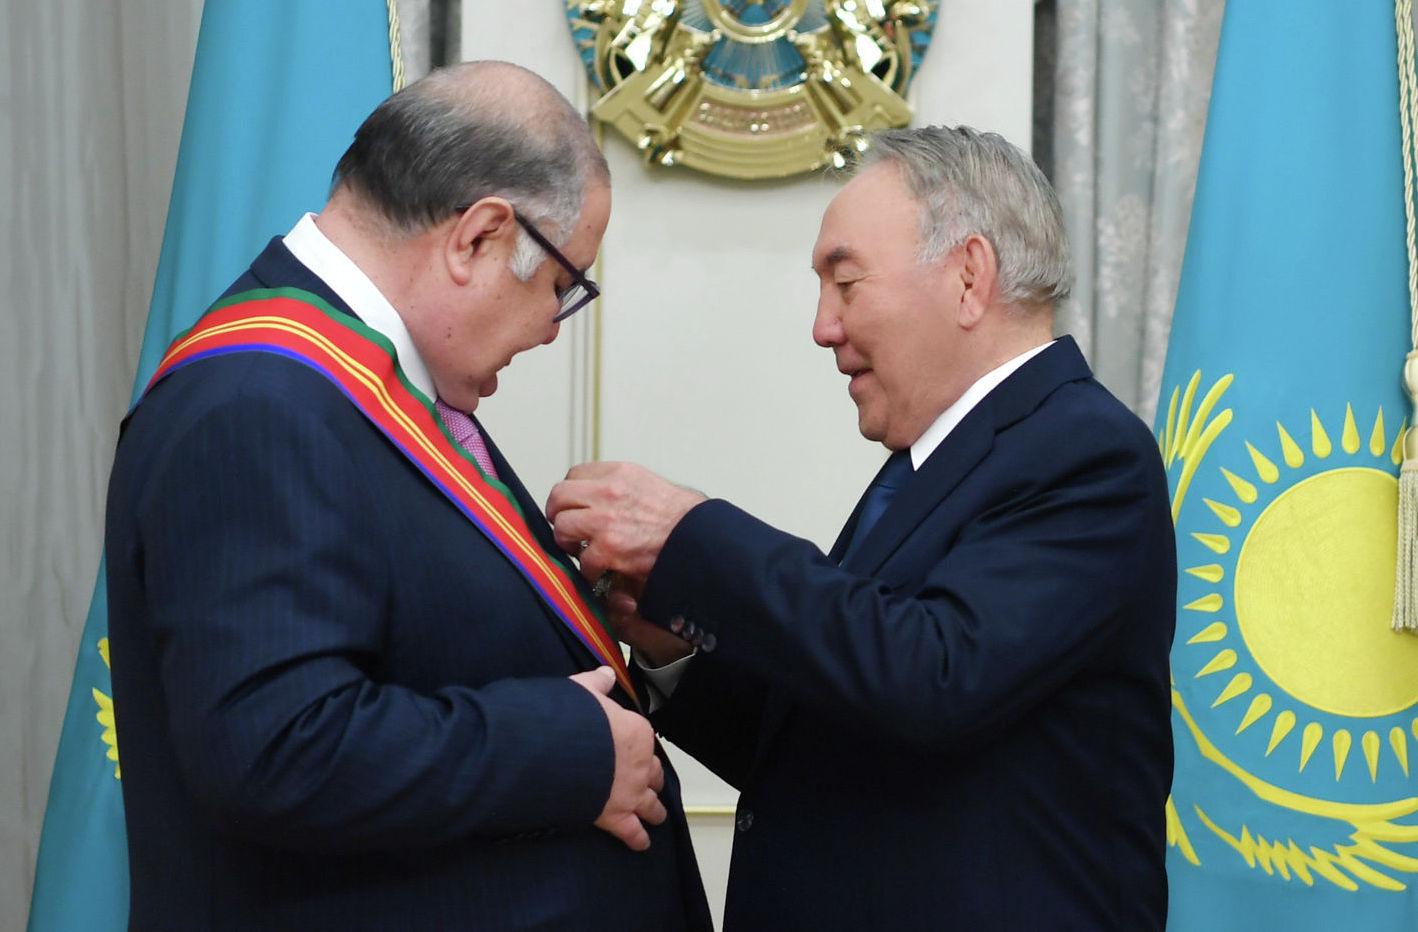 Первый ррезидент Казахстана Нурсултан Назарбаев наградил учредителя компании USM Holdings Алишера Усманова орденом Достық І степени за значительный вклад в укрепление дружбы и развитие экономического сотрудничества между Казахстаном и Россией.